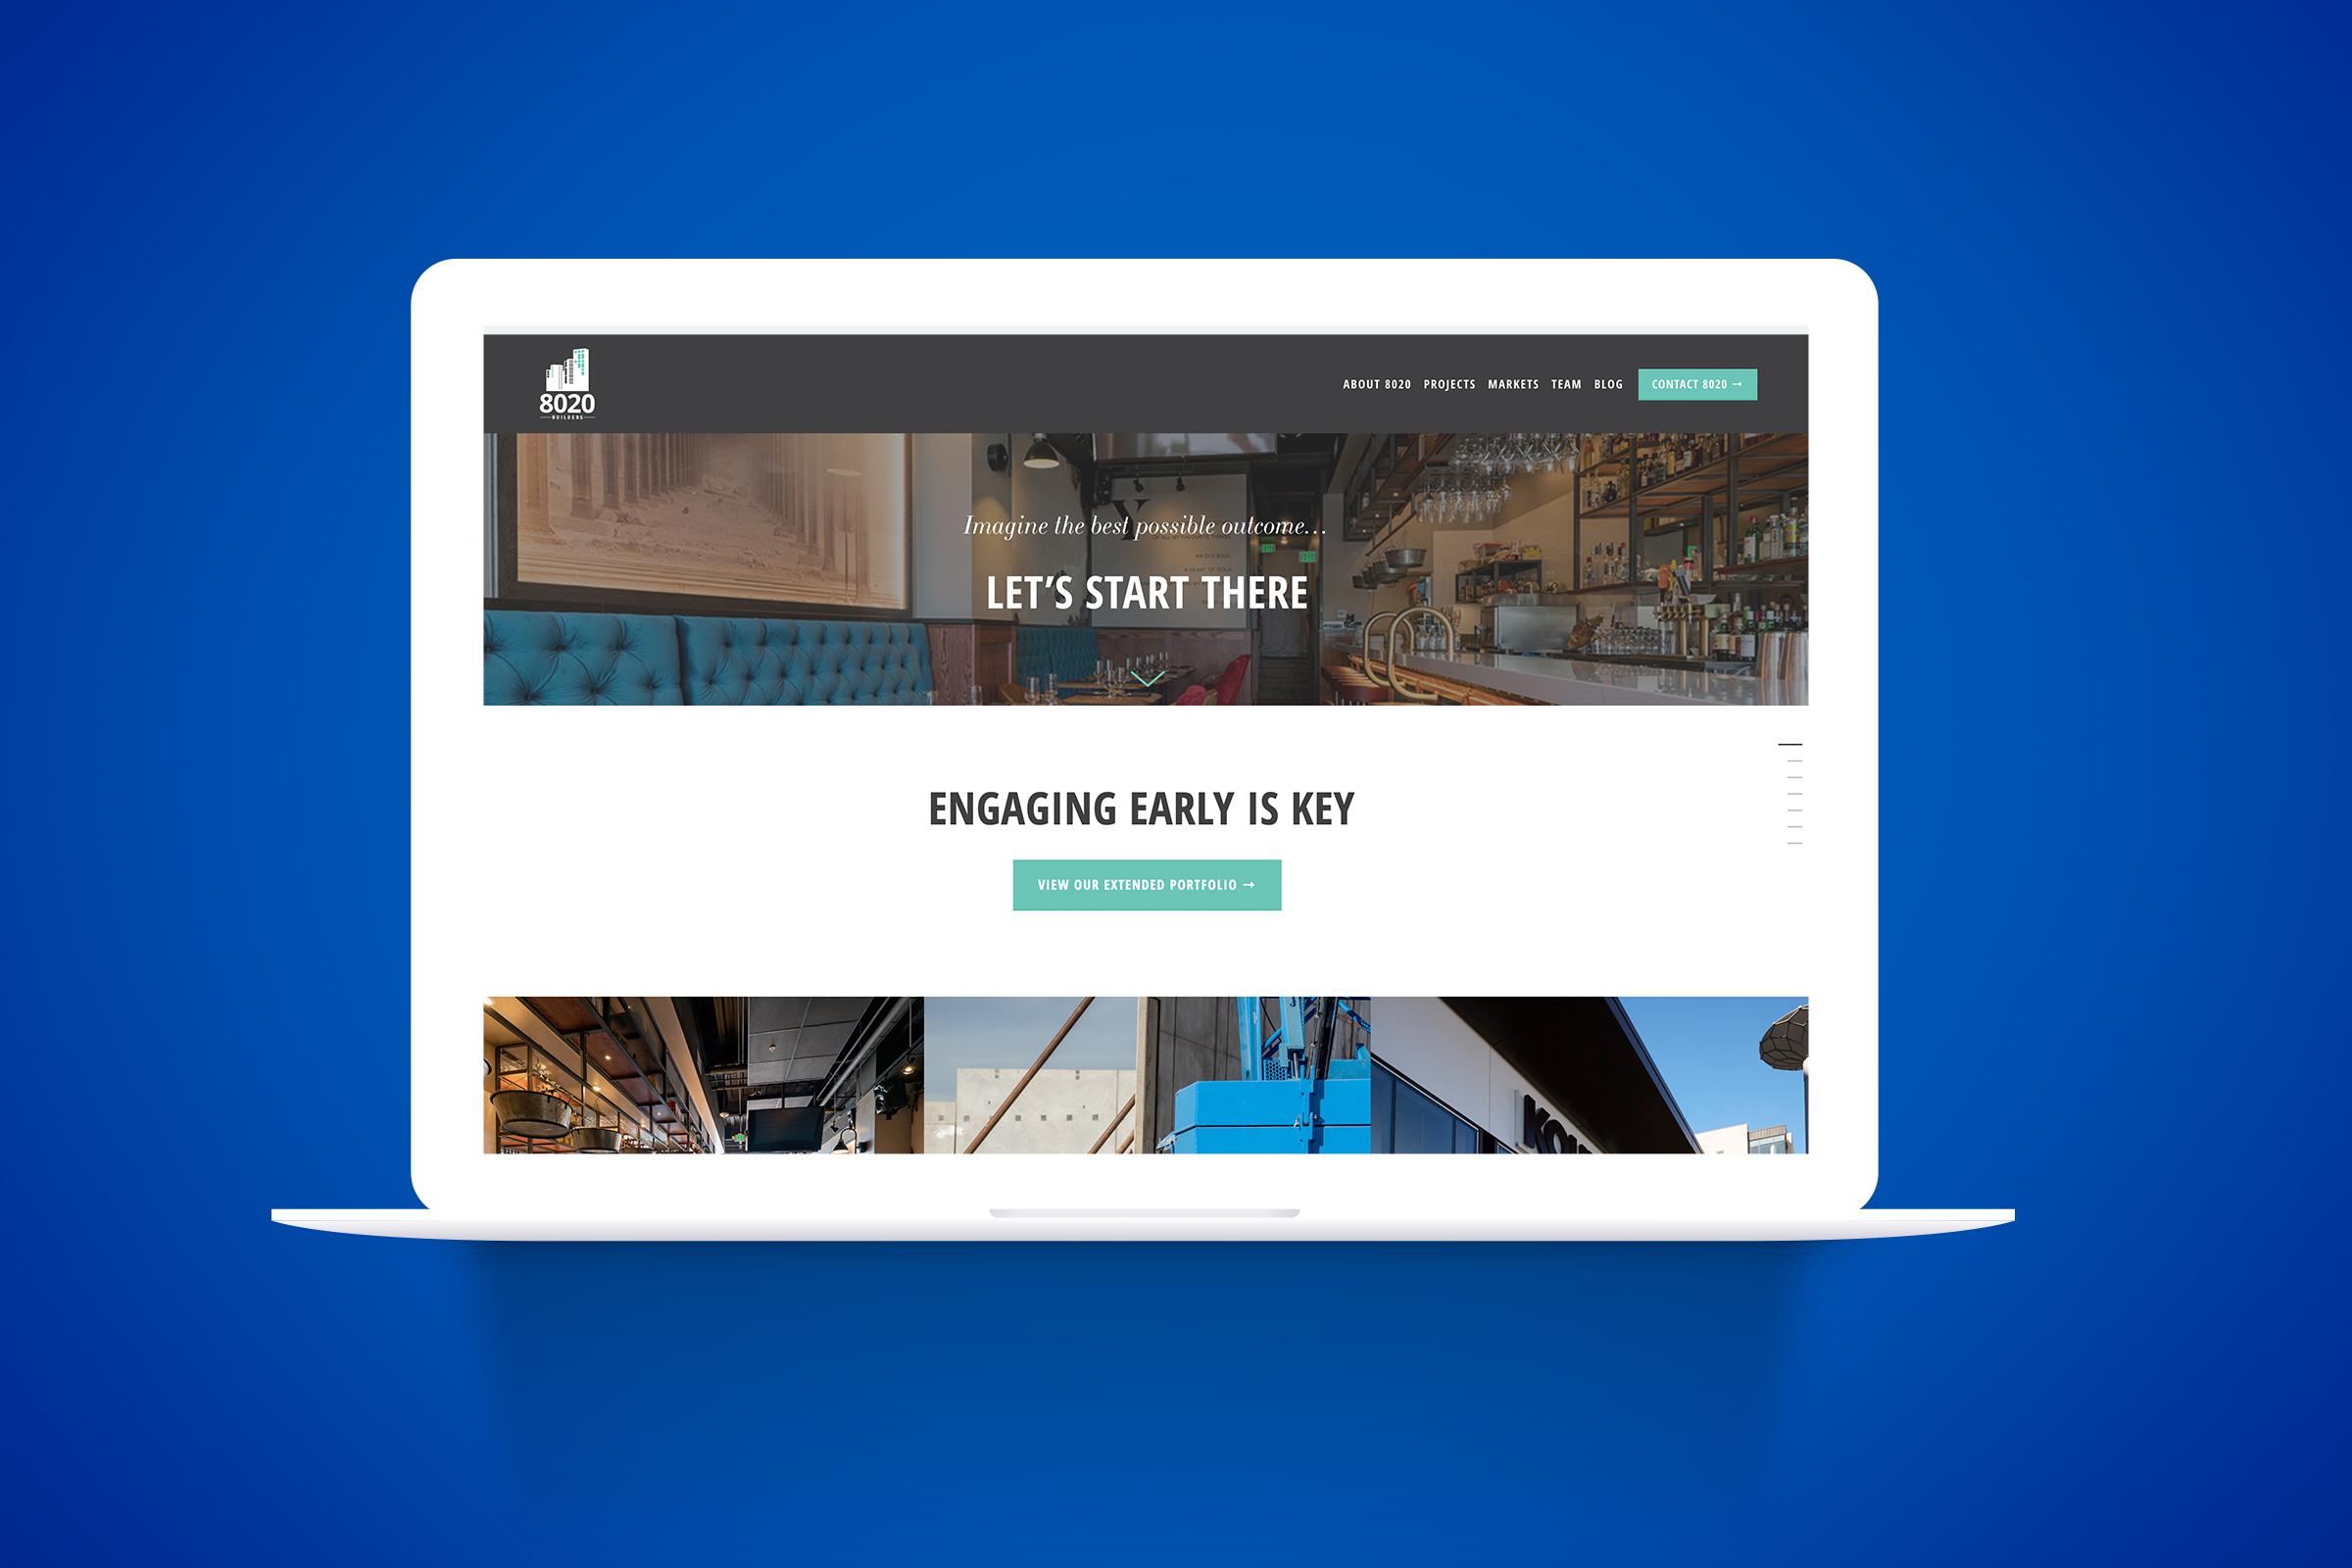 hearthfire-creative-squarespace-website-designer-denver-colorado-8020-builders-1.jpg